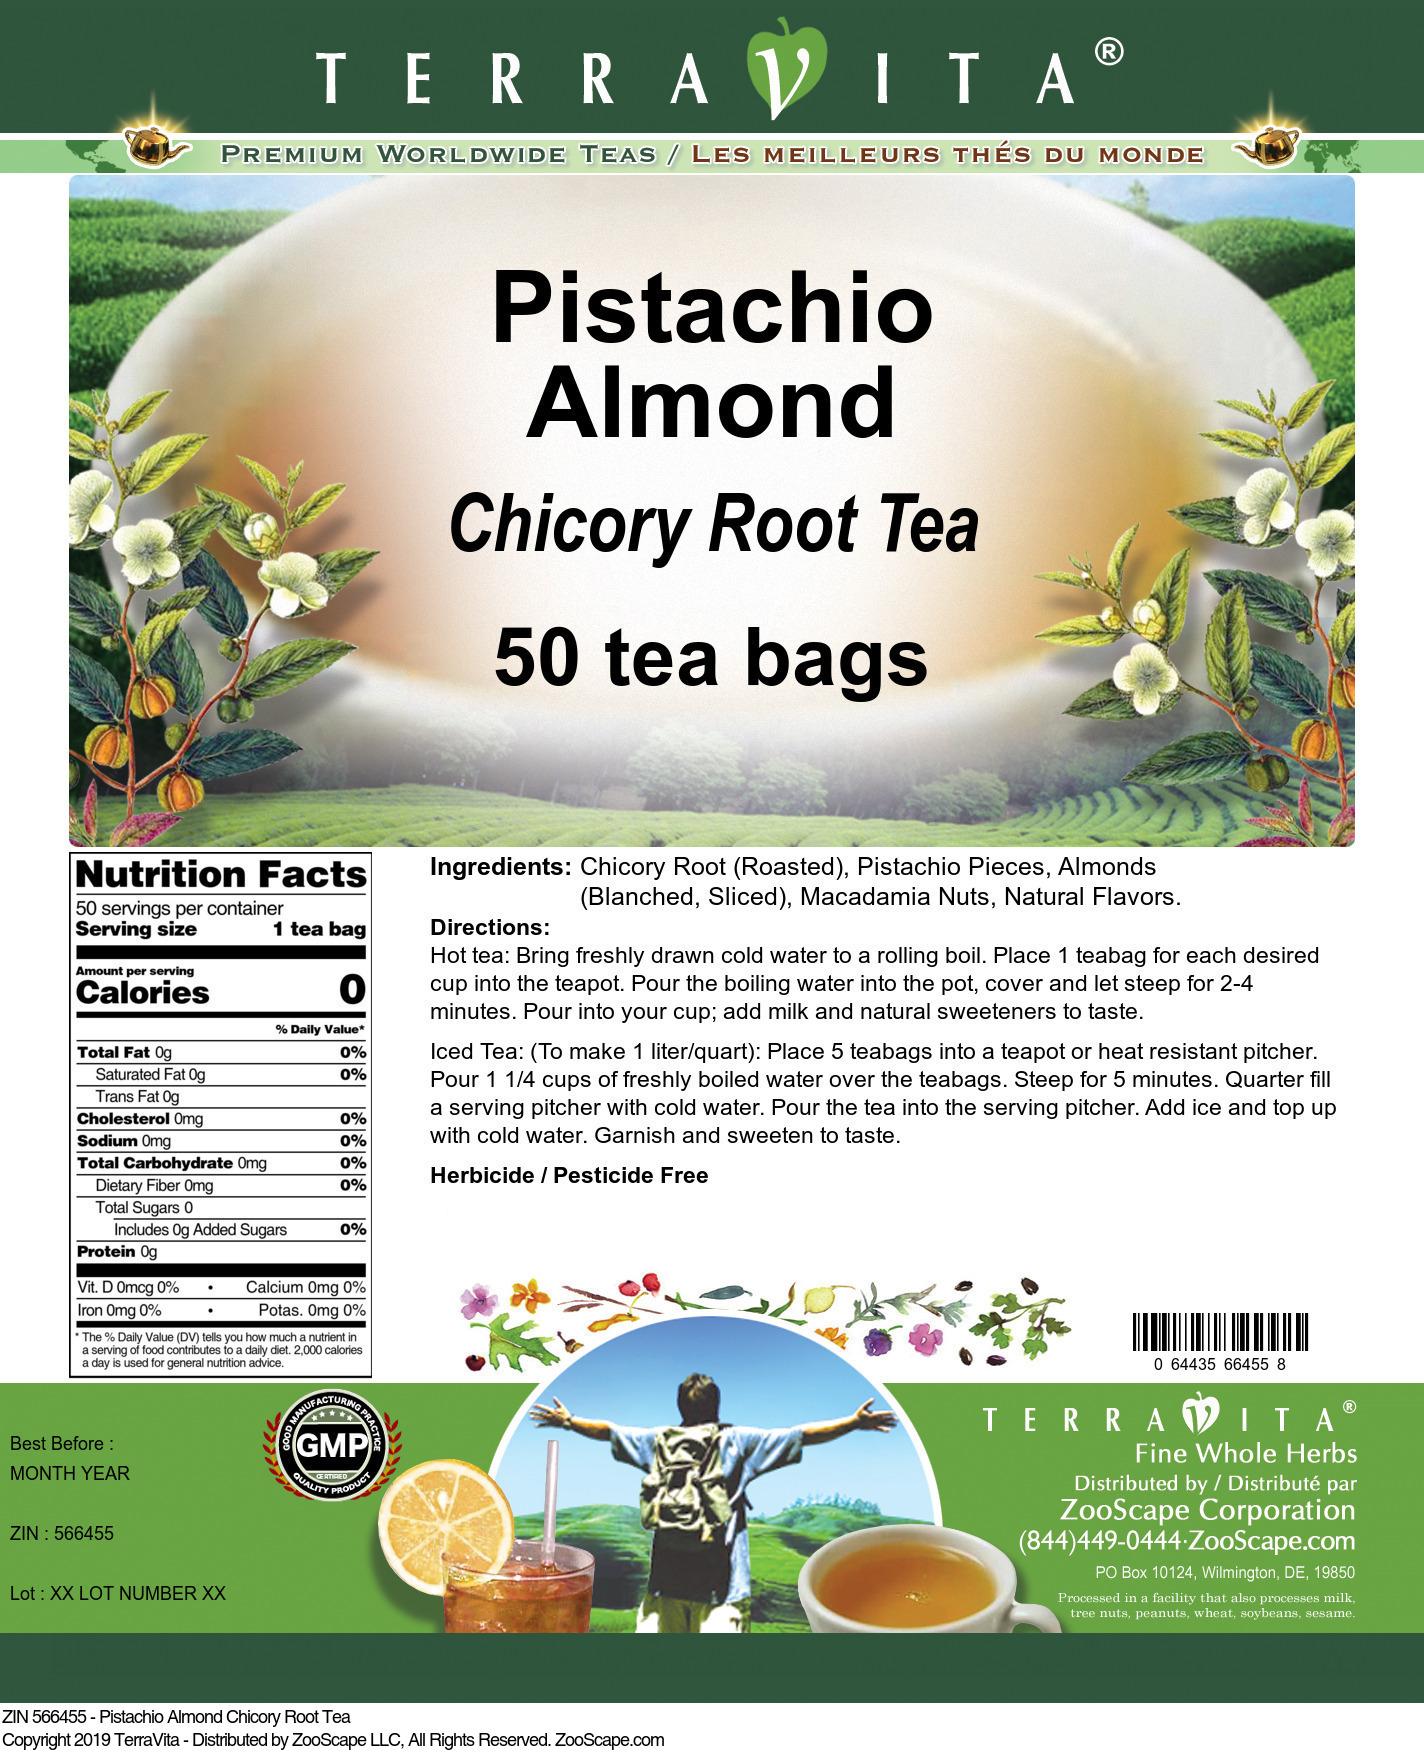 Pistachio Almond Chicory Root Tea